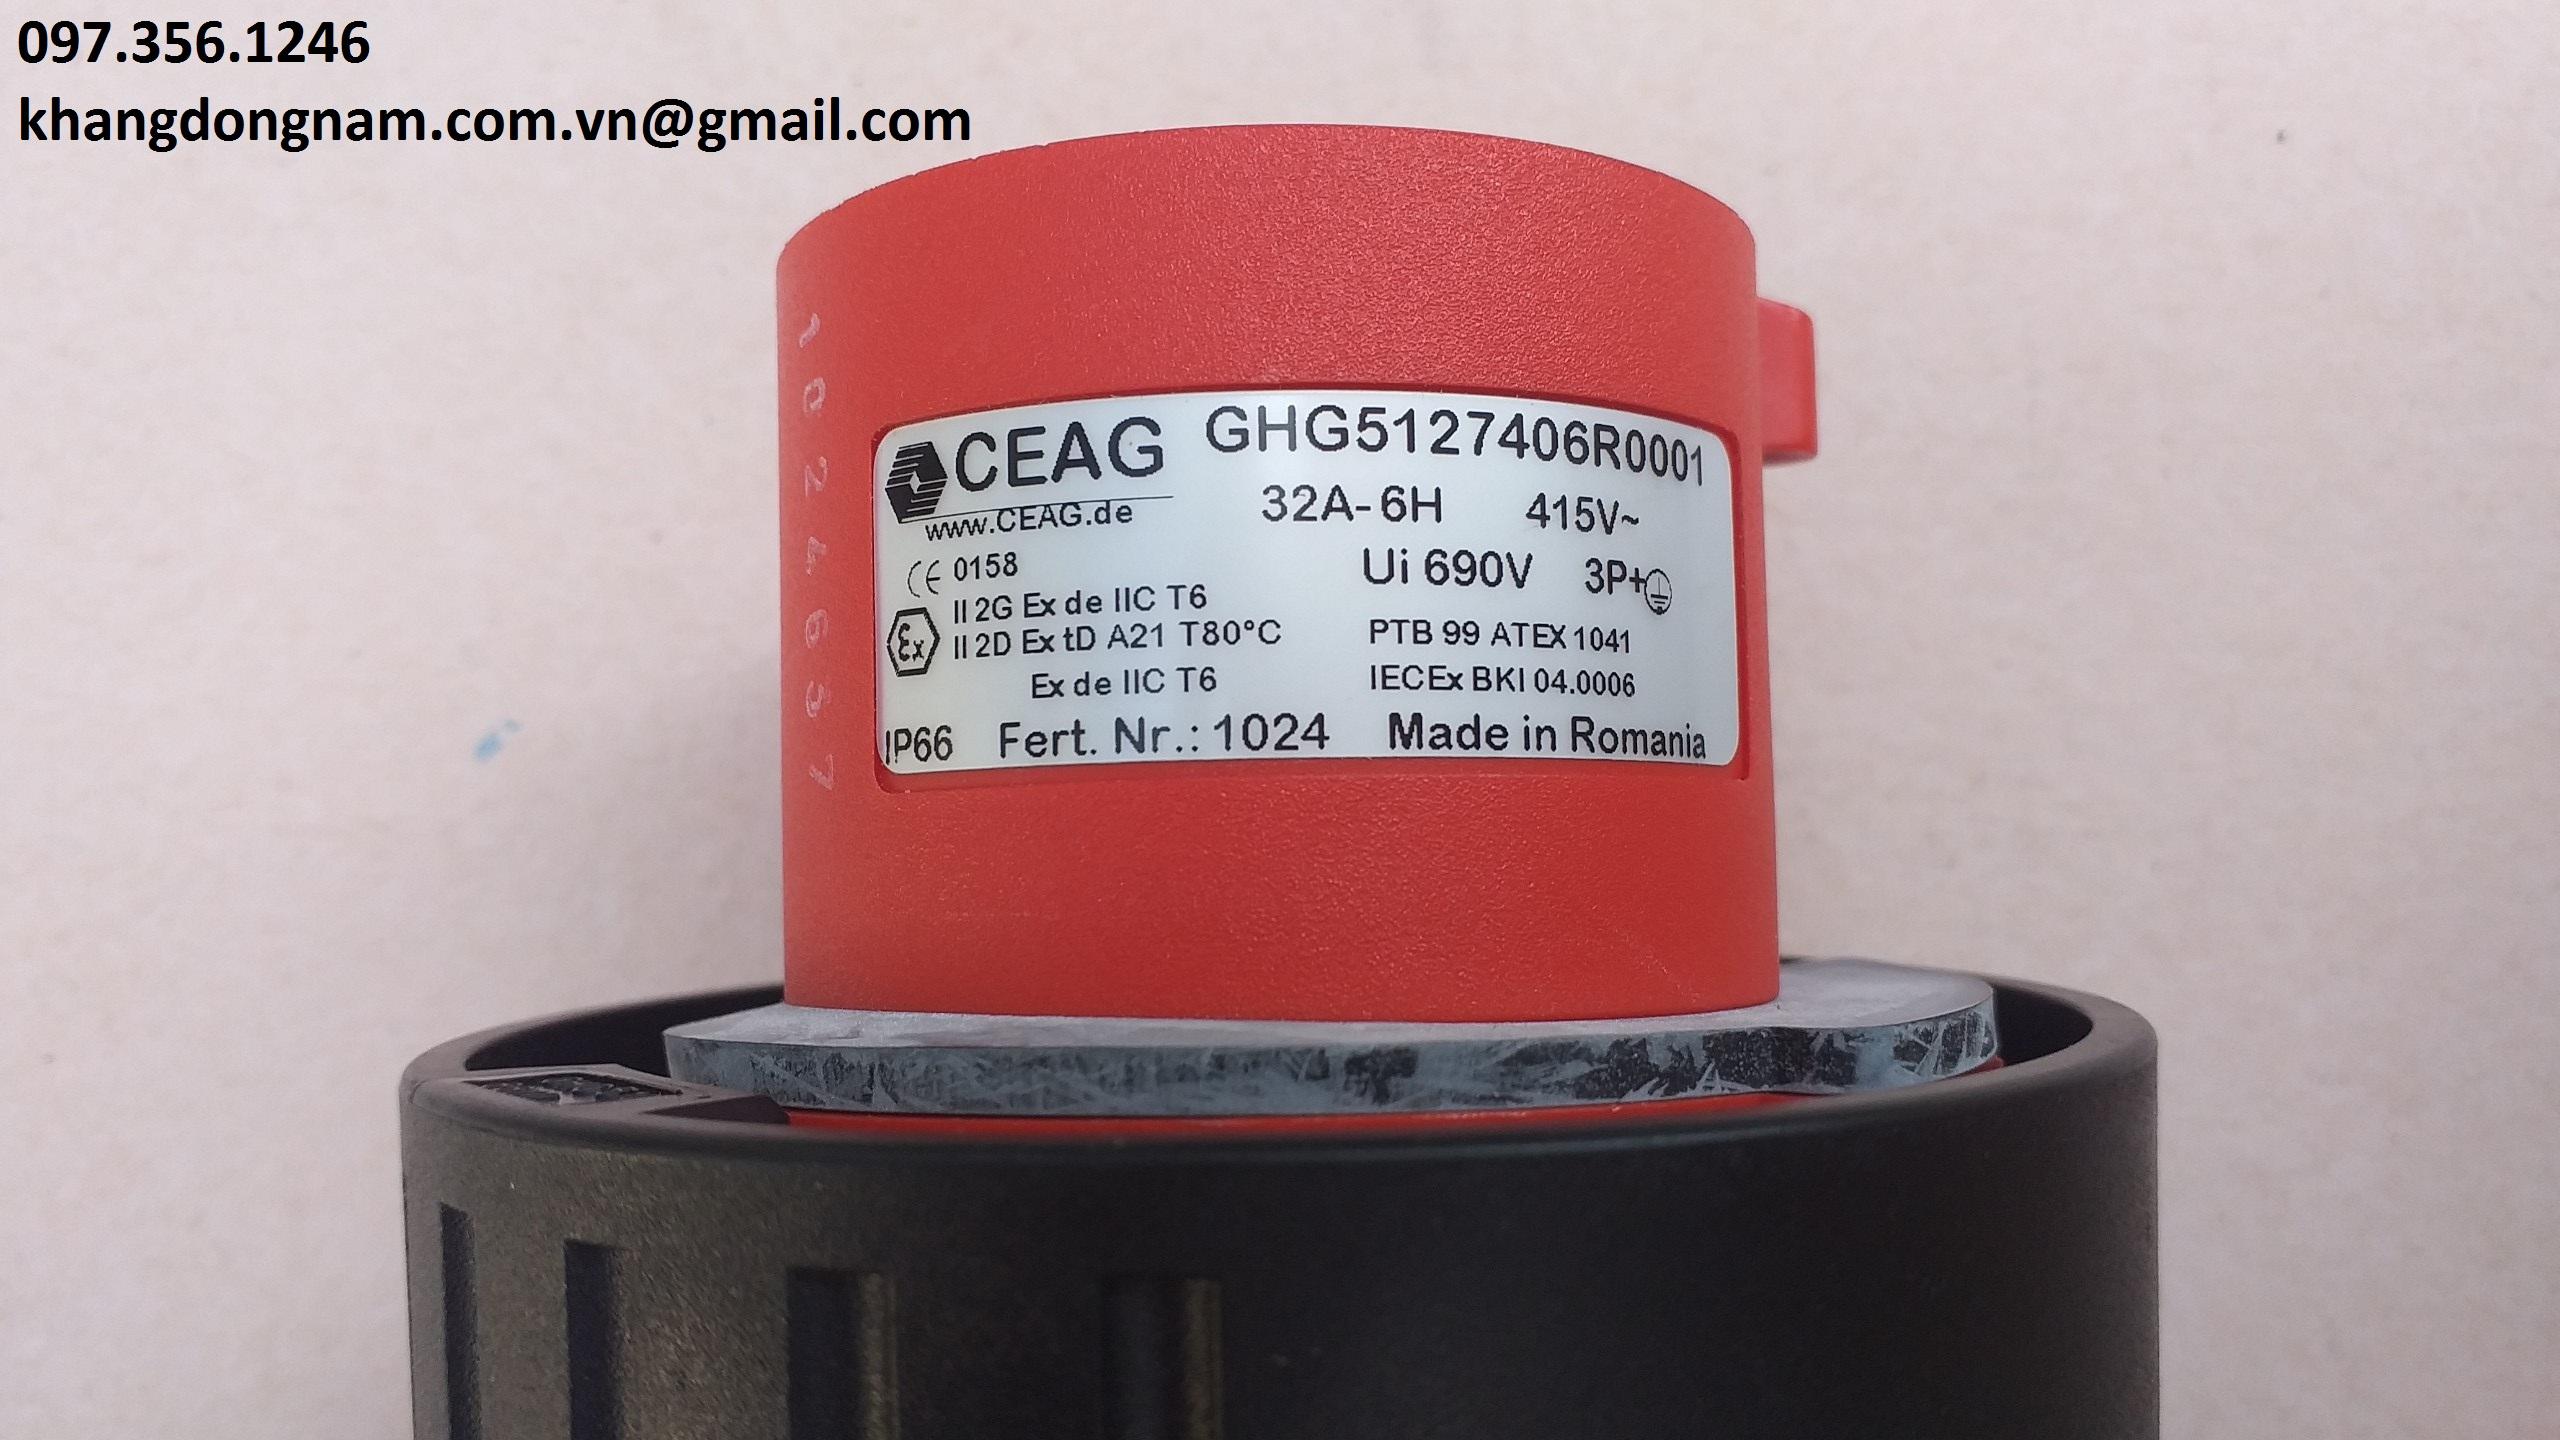 Phích cắm chống cháy nổ CEAG GHG5127406R001 (3)